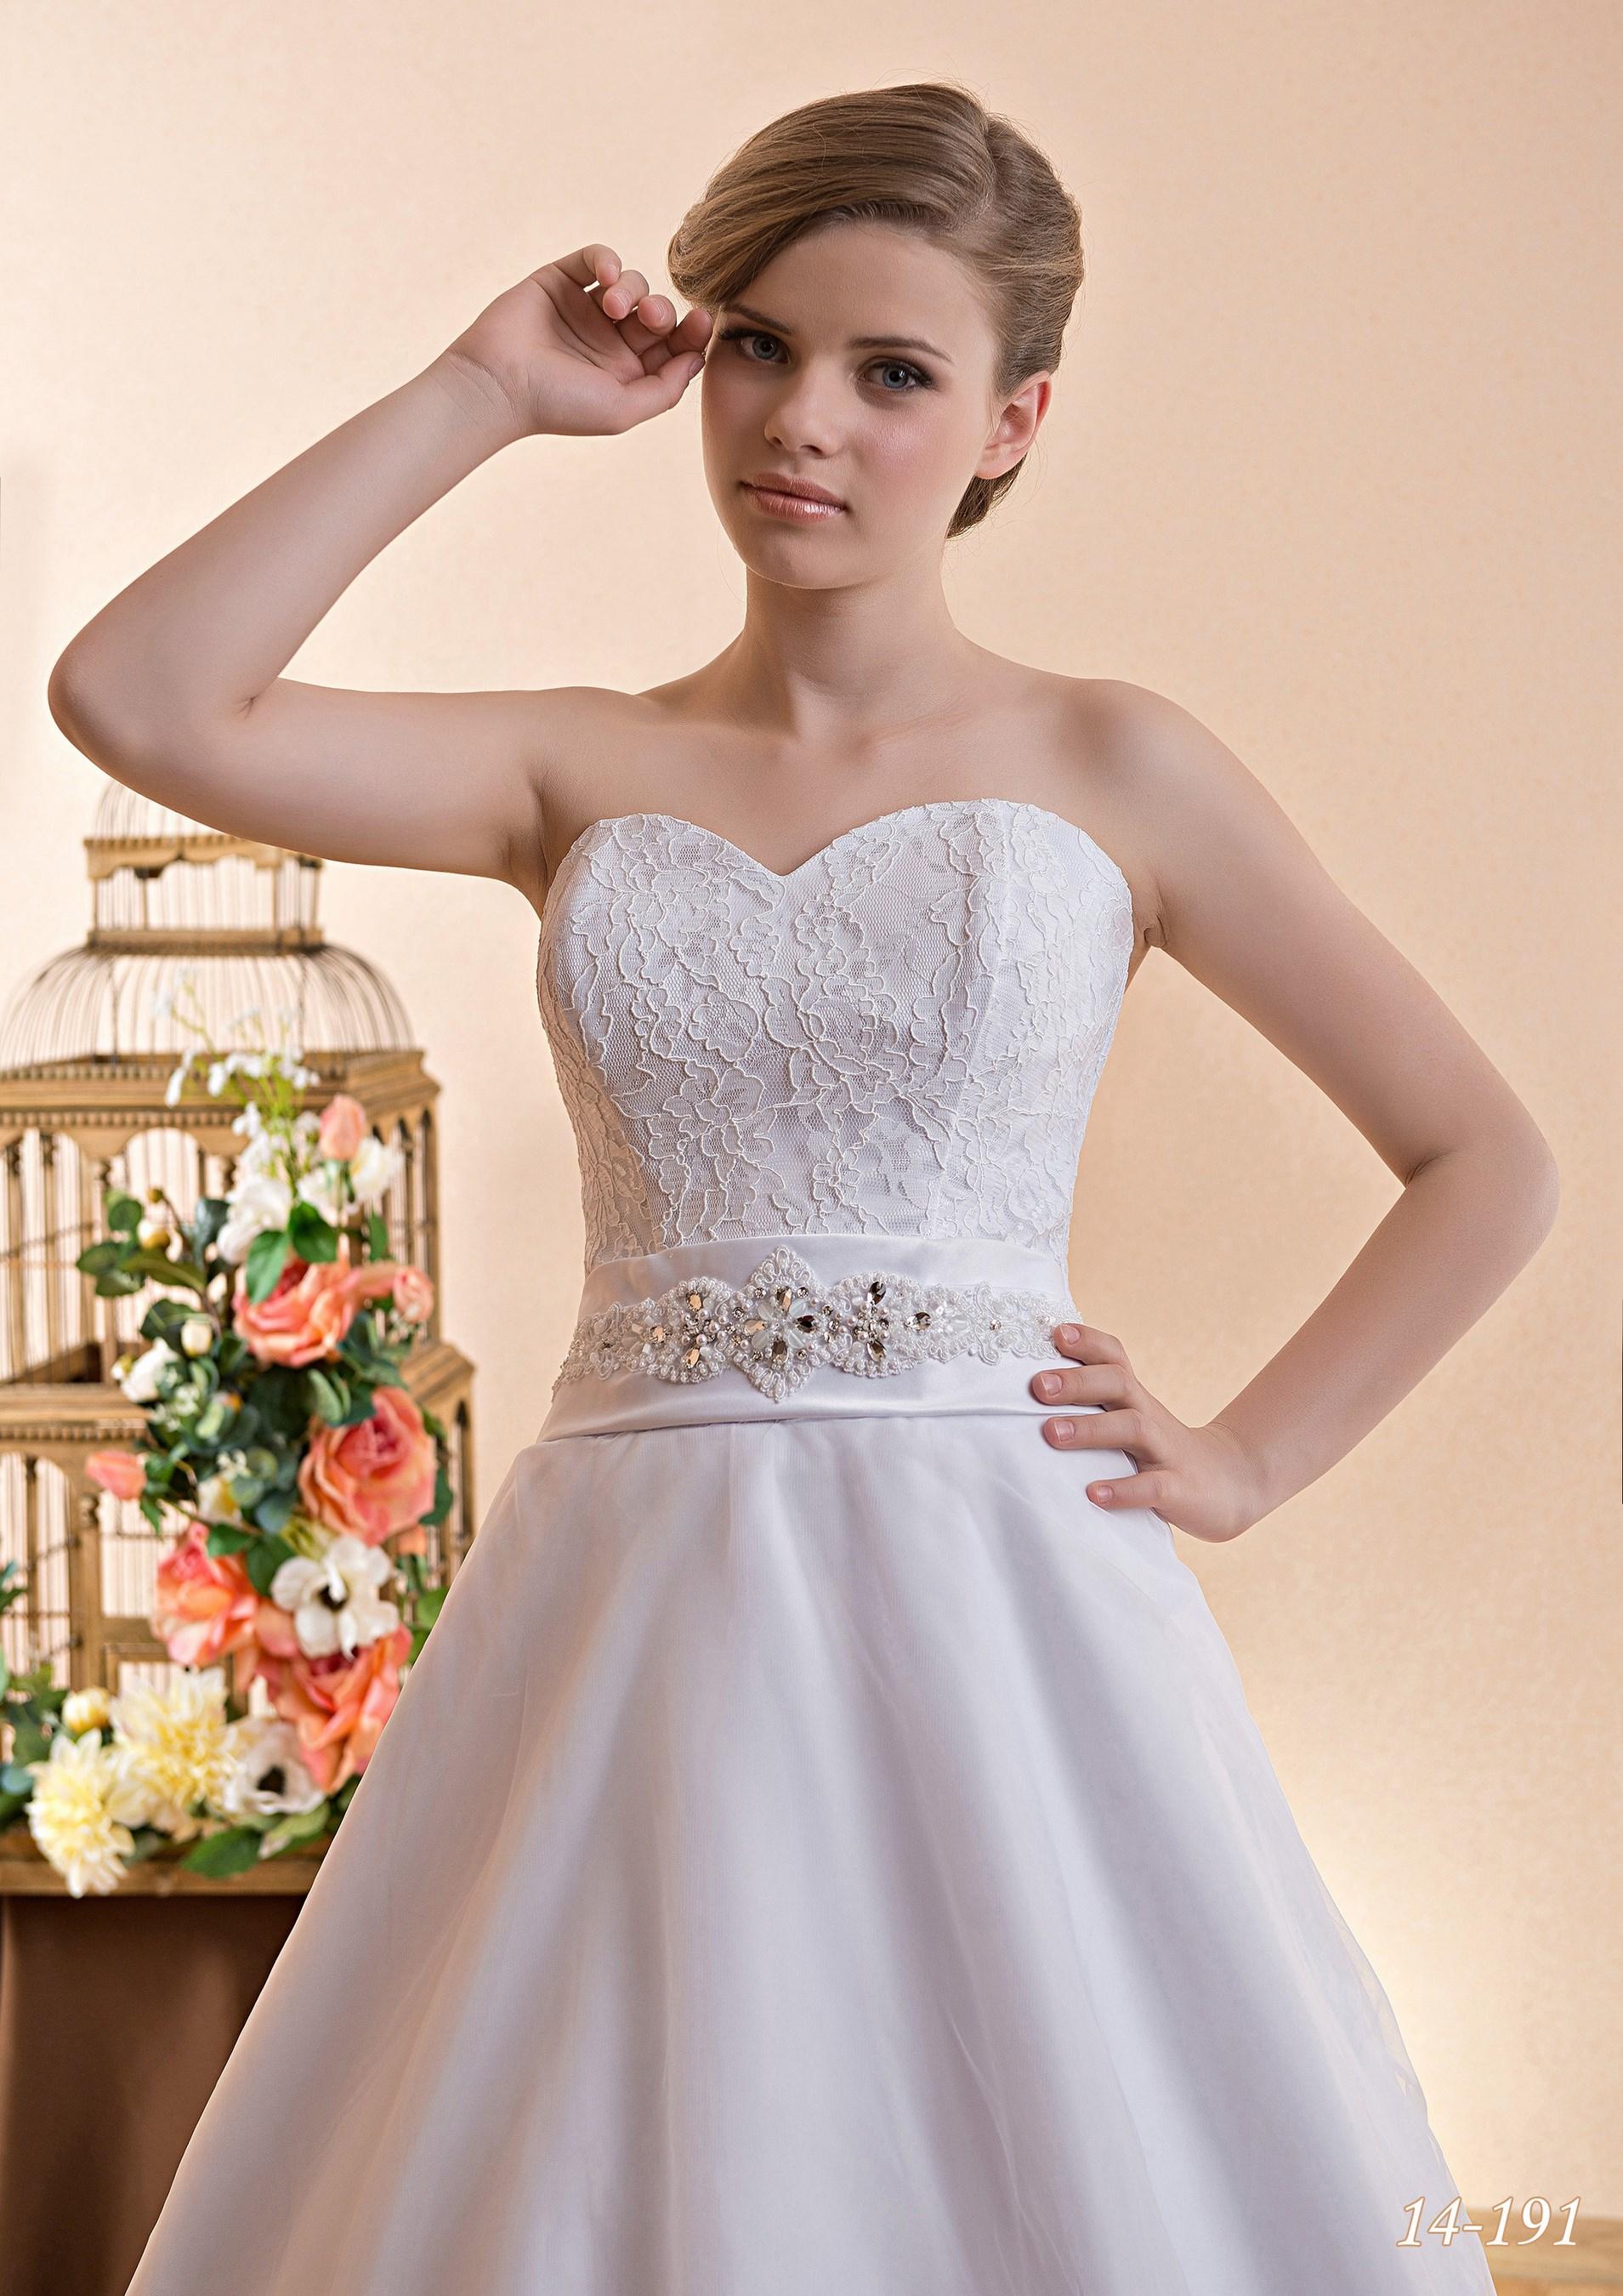 Купить От Производителя Оптом Свадебные Платья